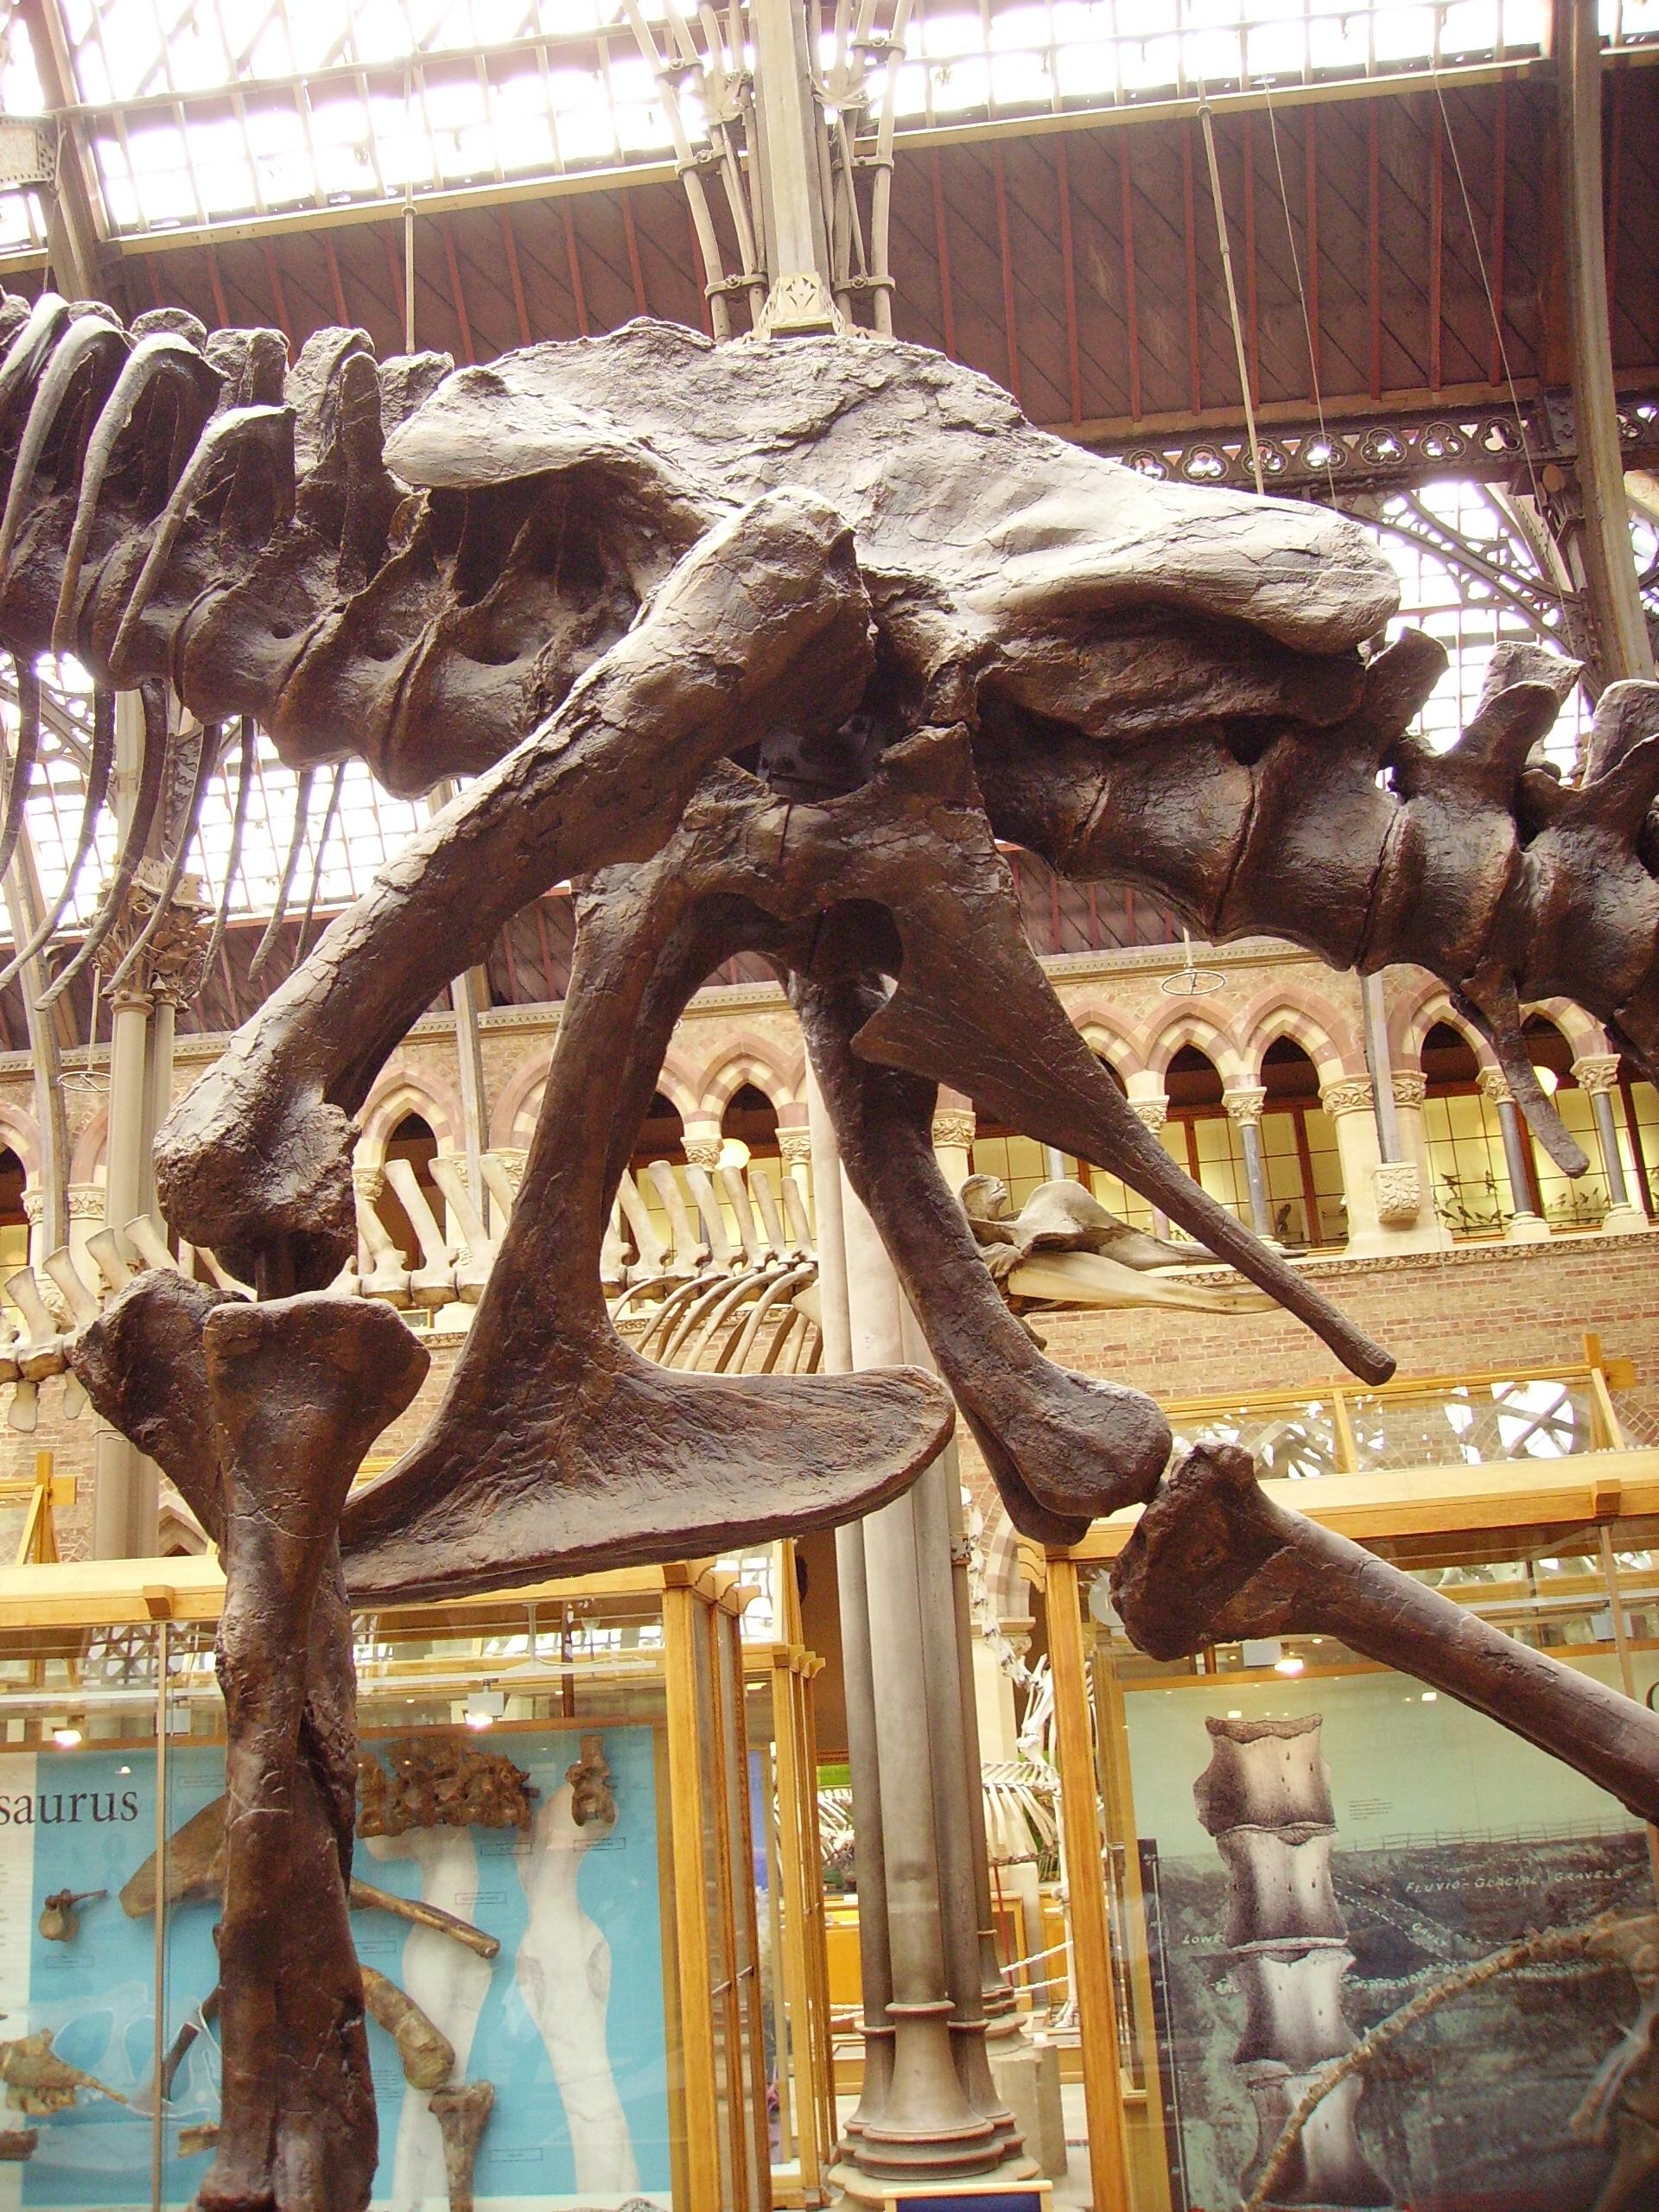 Saurischia | Fossil Wiki | FANDOM powered by Wikia